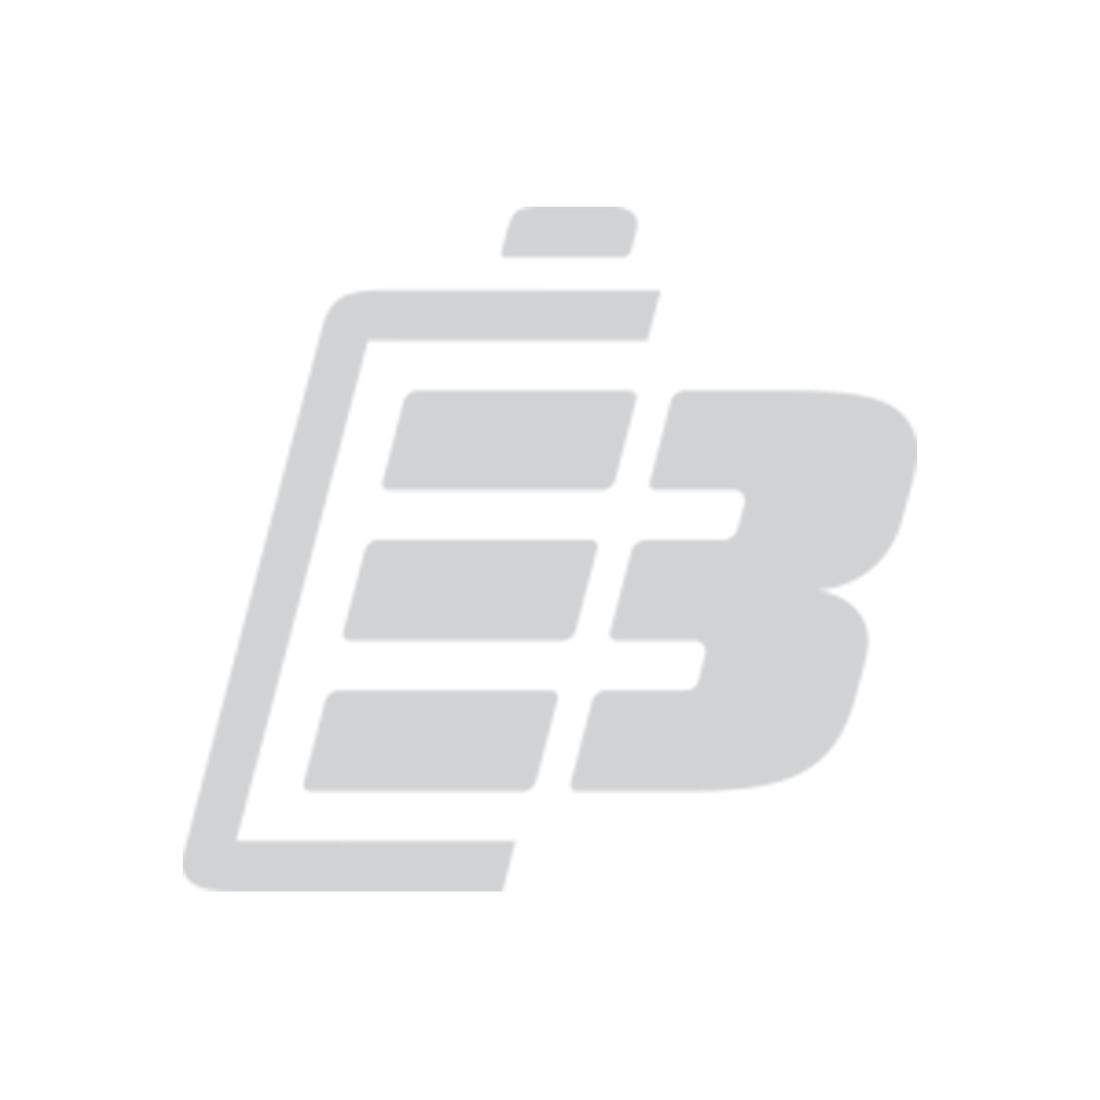 Μπαταρία tablet Asus MeMO Pad HD7_1